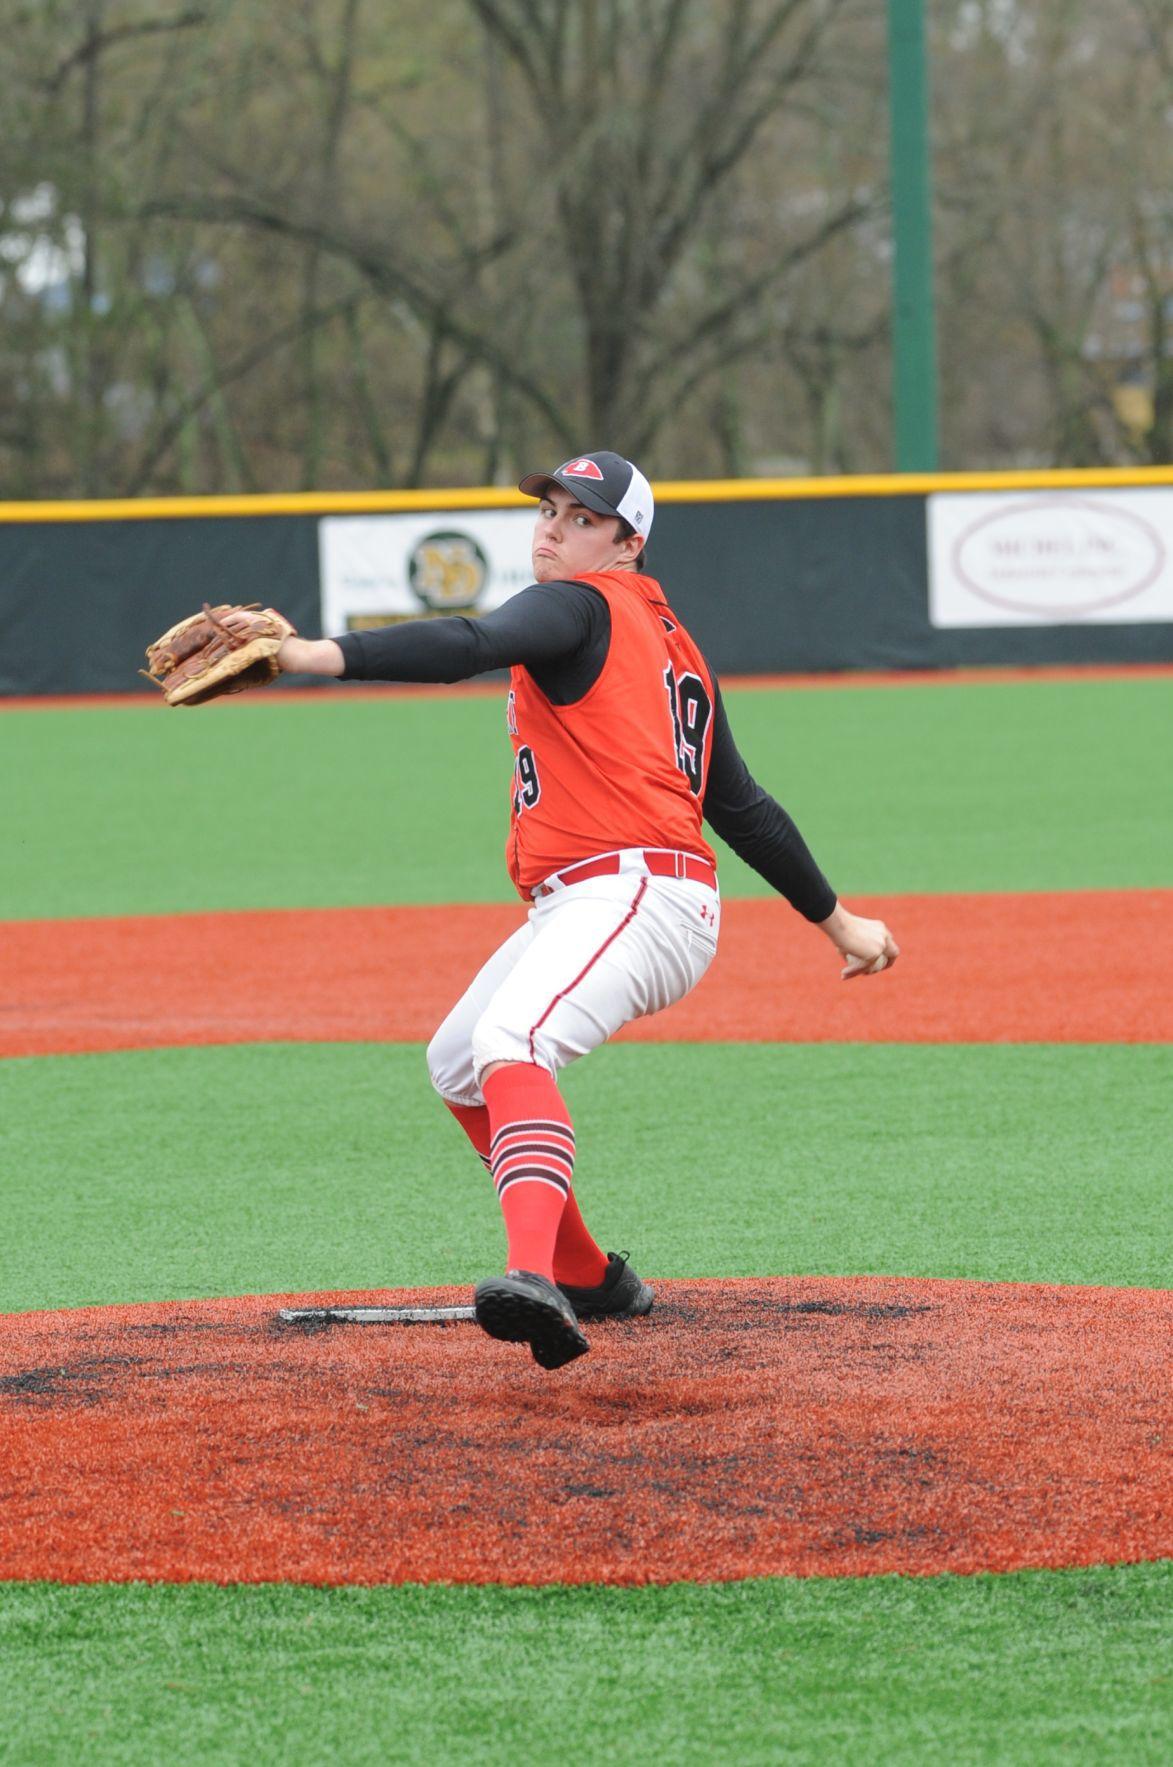 bport pitcher 19 throwing again again.jpg